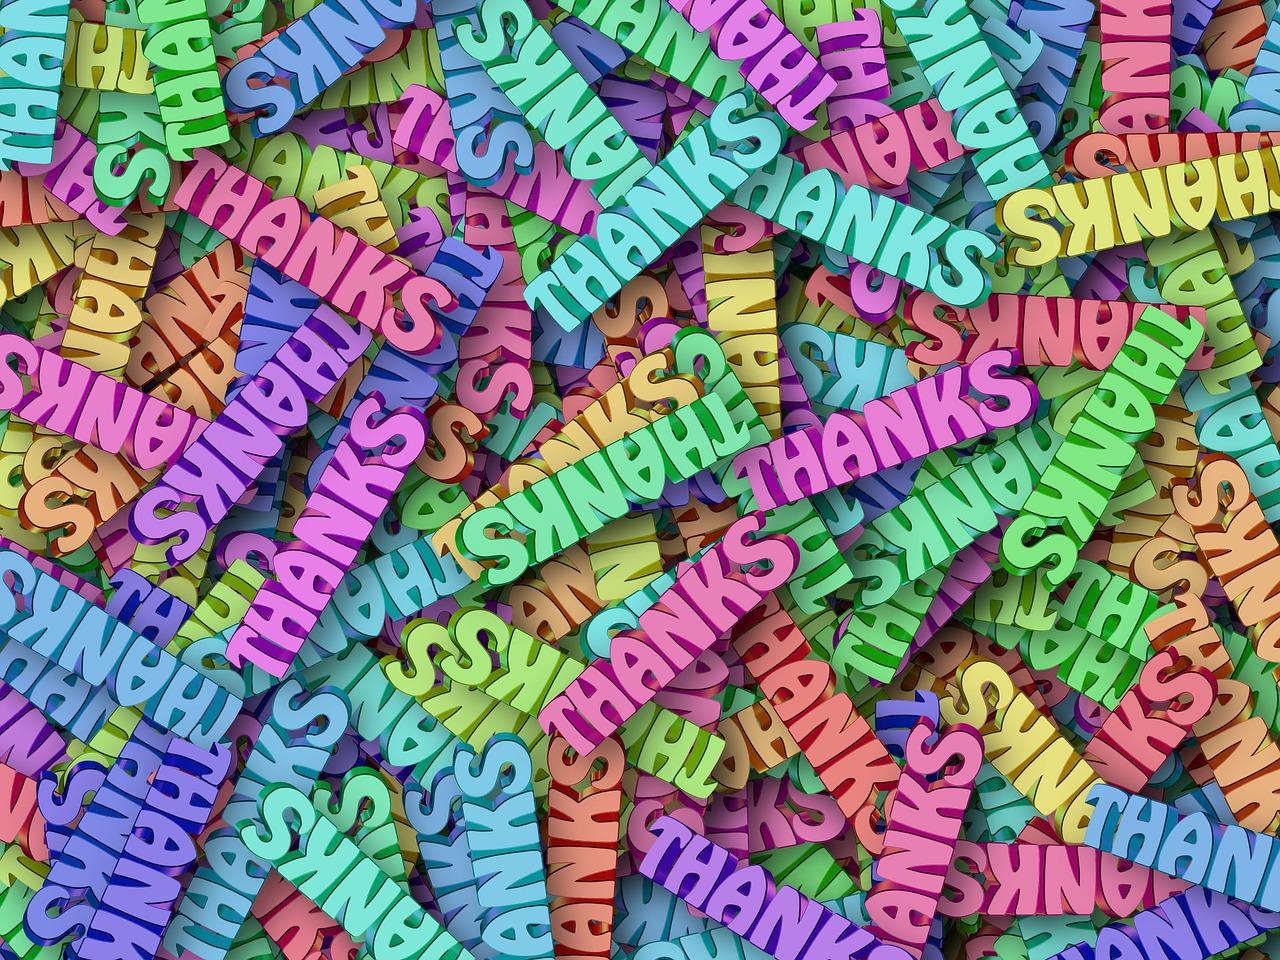 Спасибо на разных языках мира: 148 языков с написанием и примерным произношением